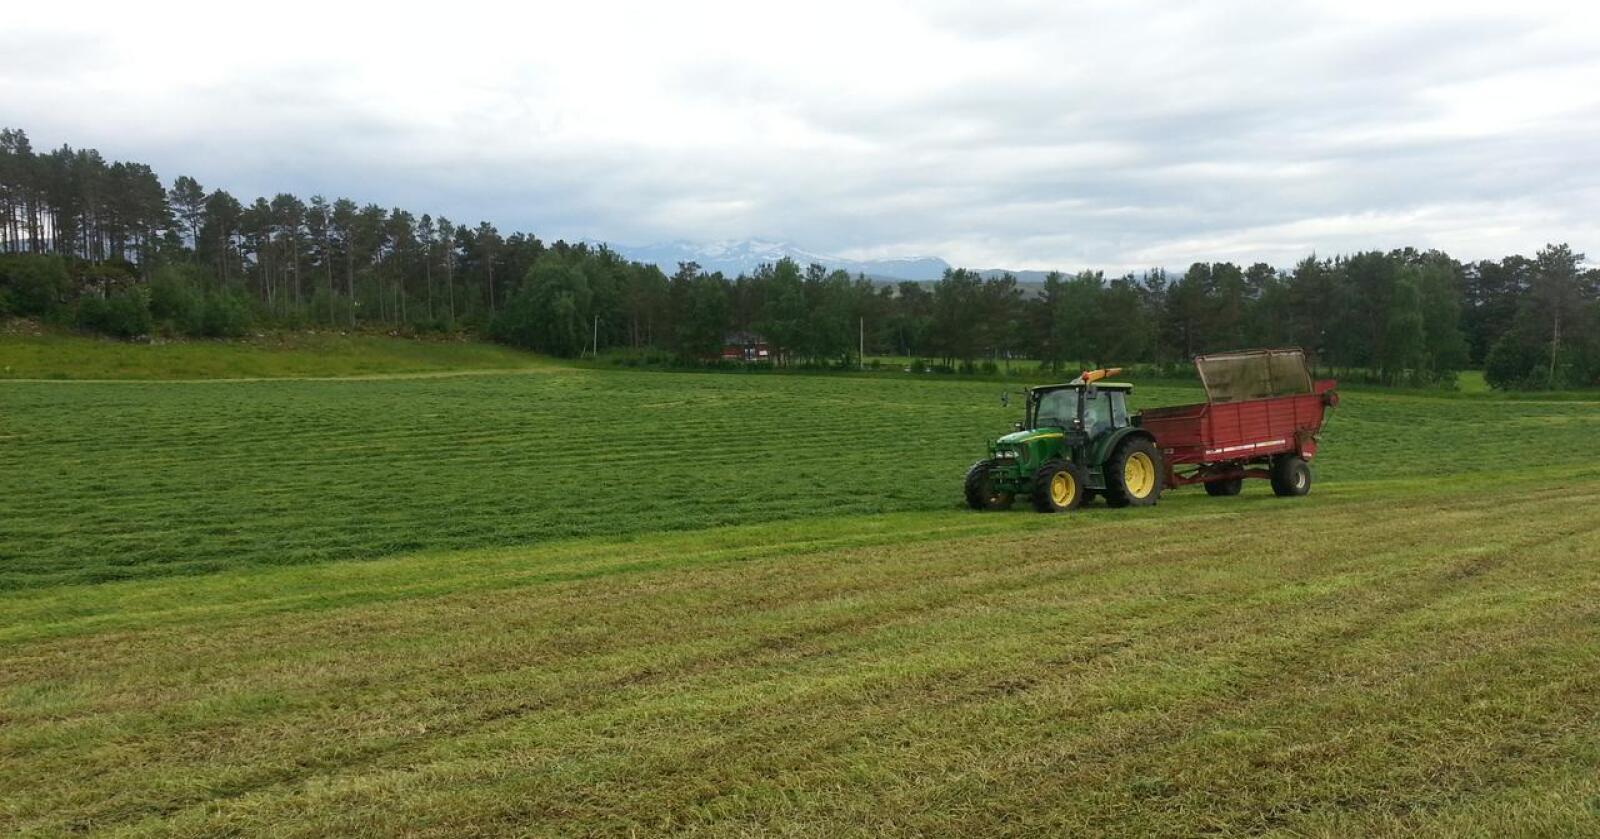 Lite korn: Norsk landbruk er først og fremst bygd på grasproduksjon. Foto: Privat